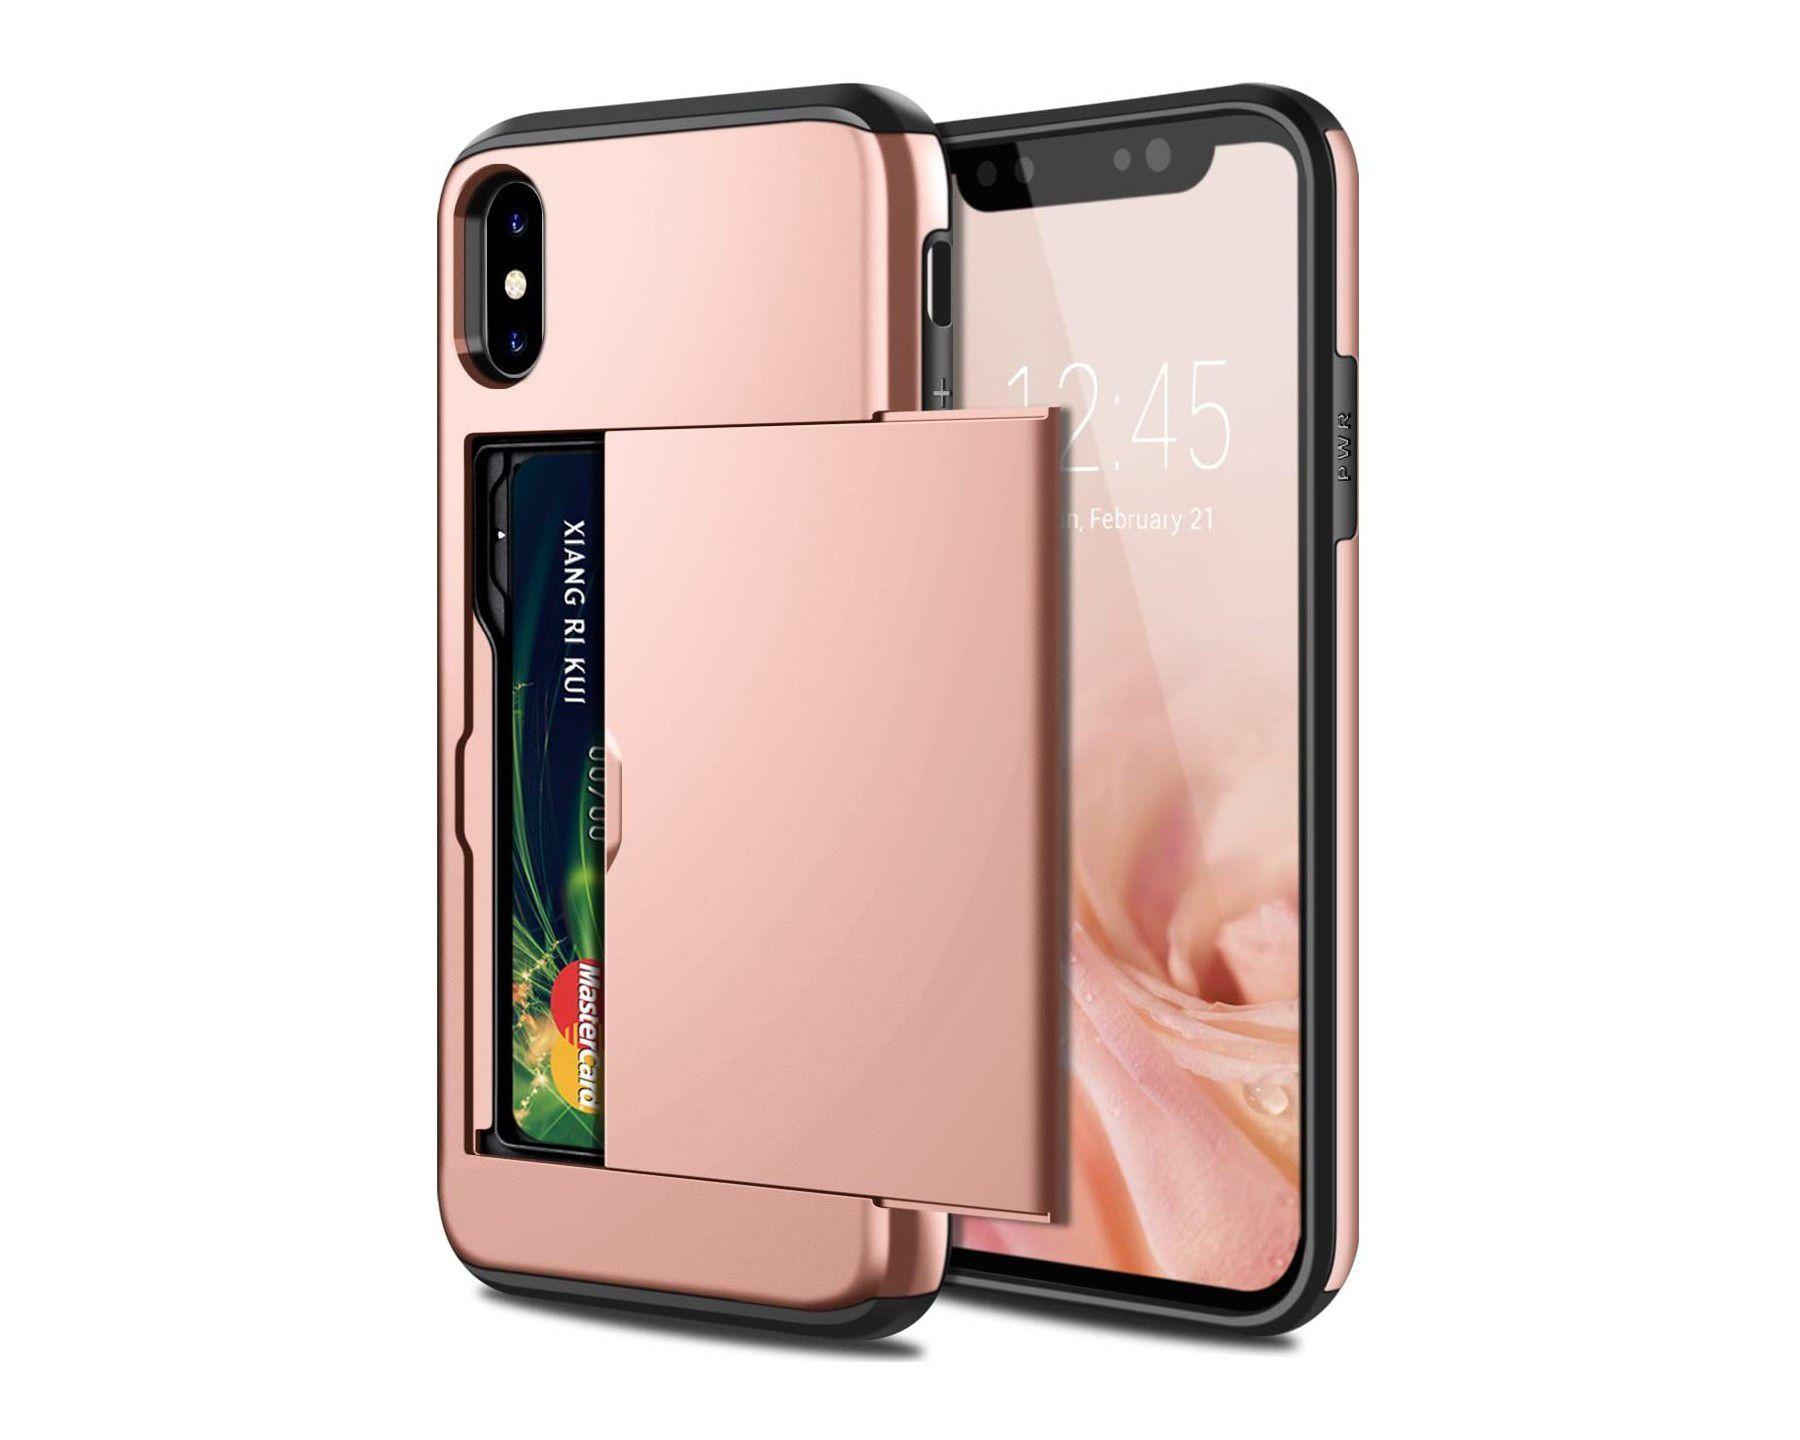 SAMONPOW iPhone X Case